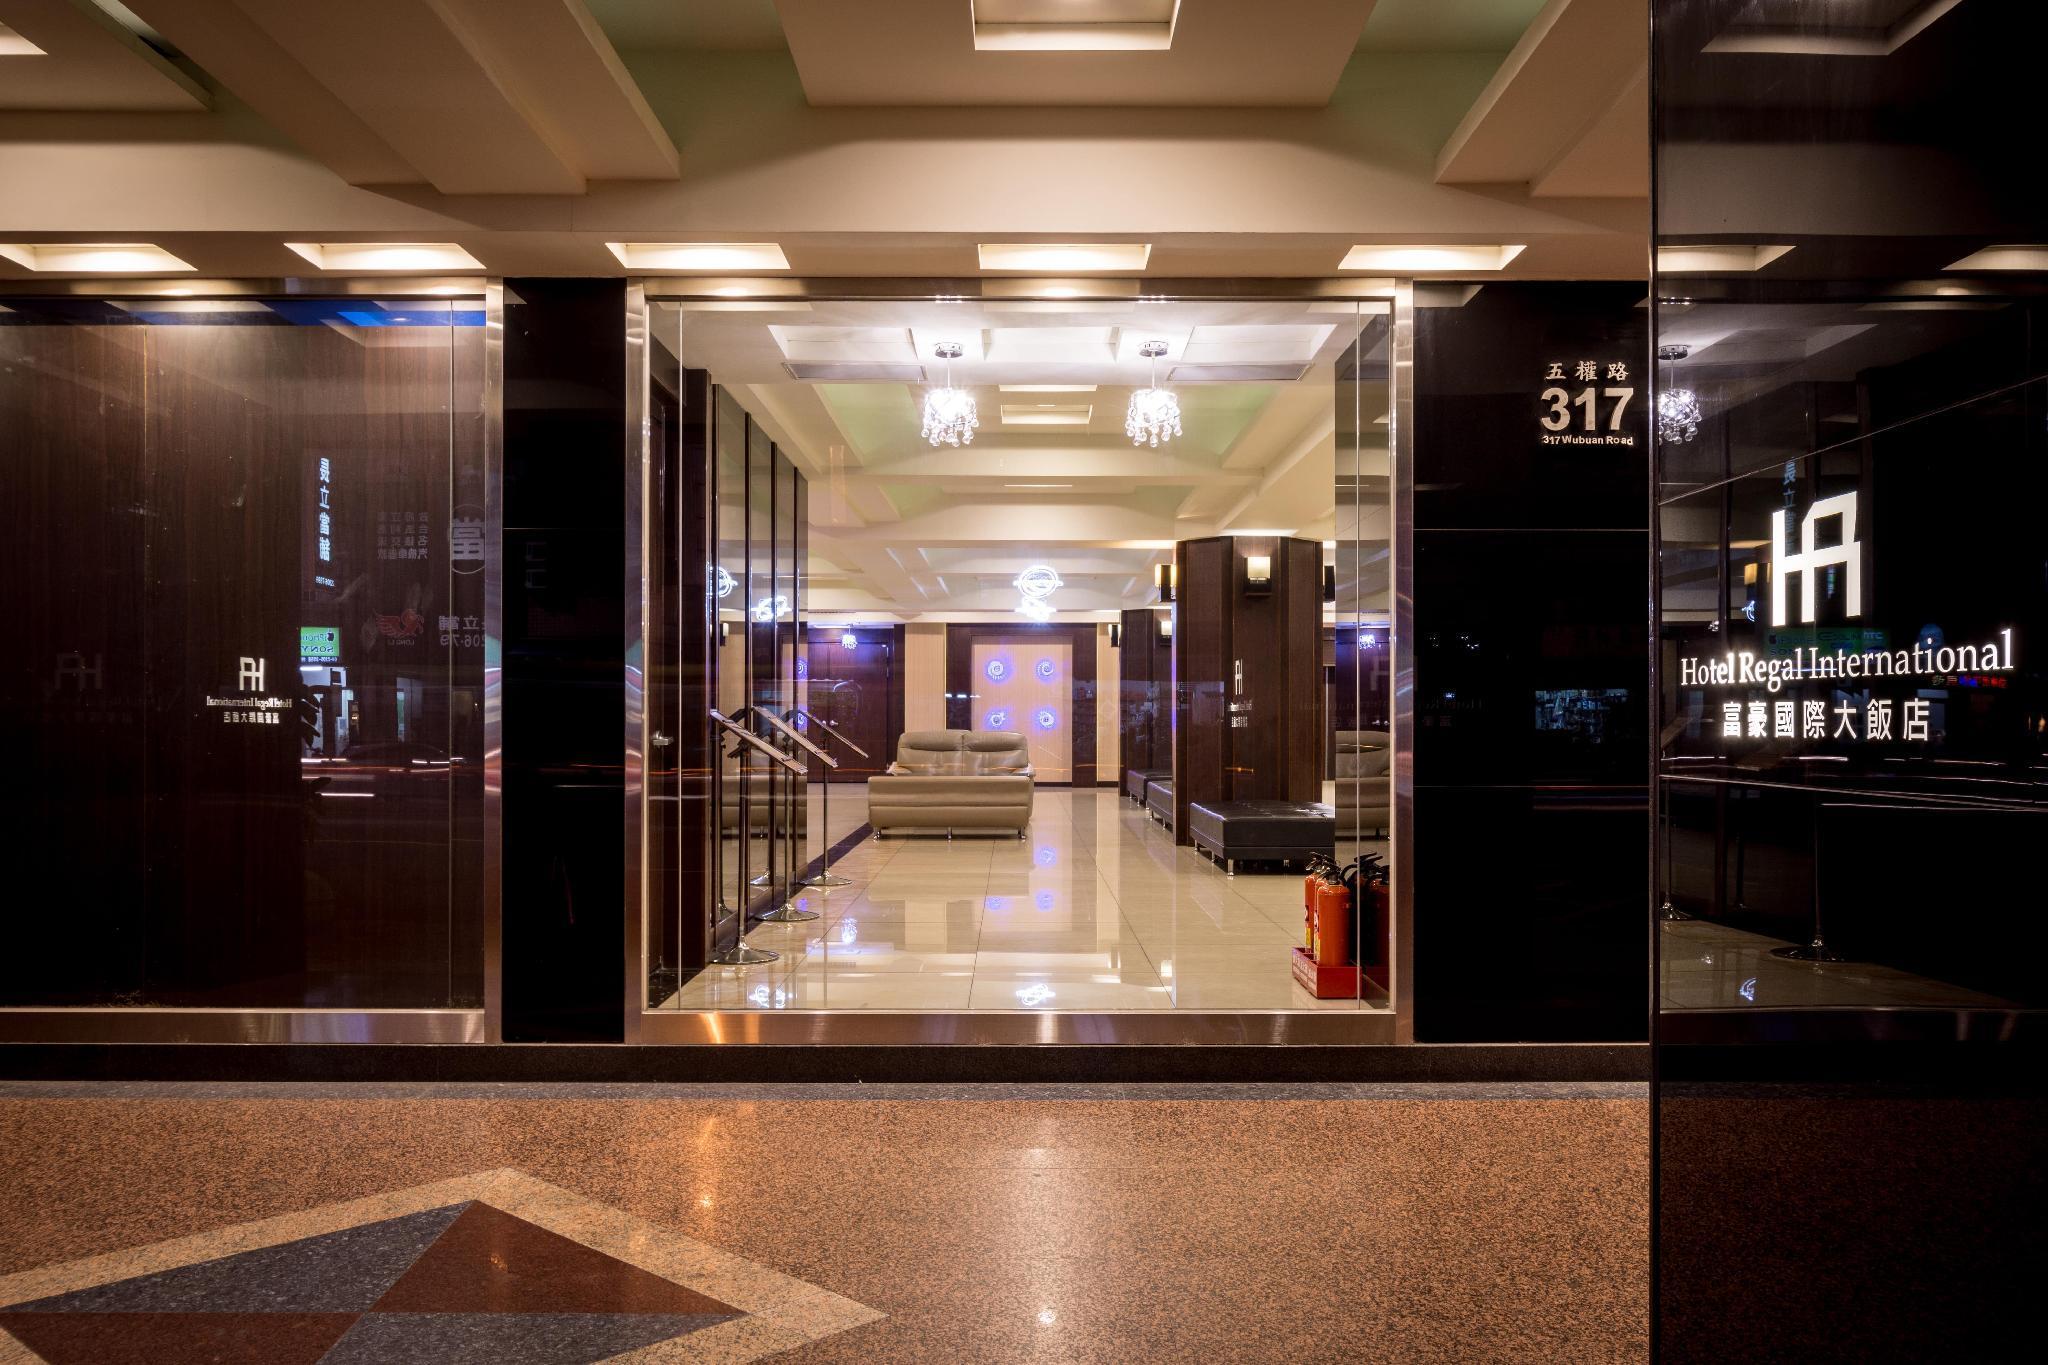 臺中市富豪國際大飯店 (Regal International Hotel)線上訂房|Agoda.com